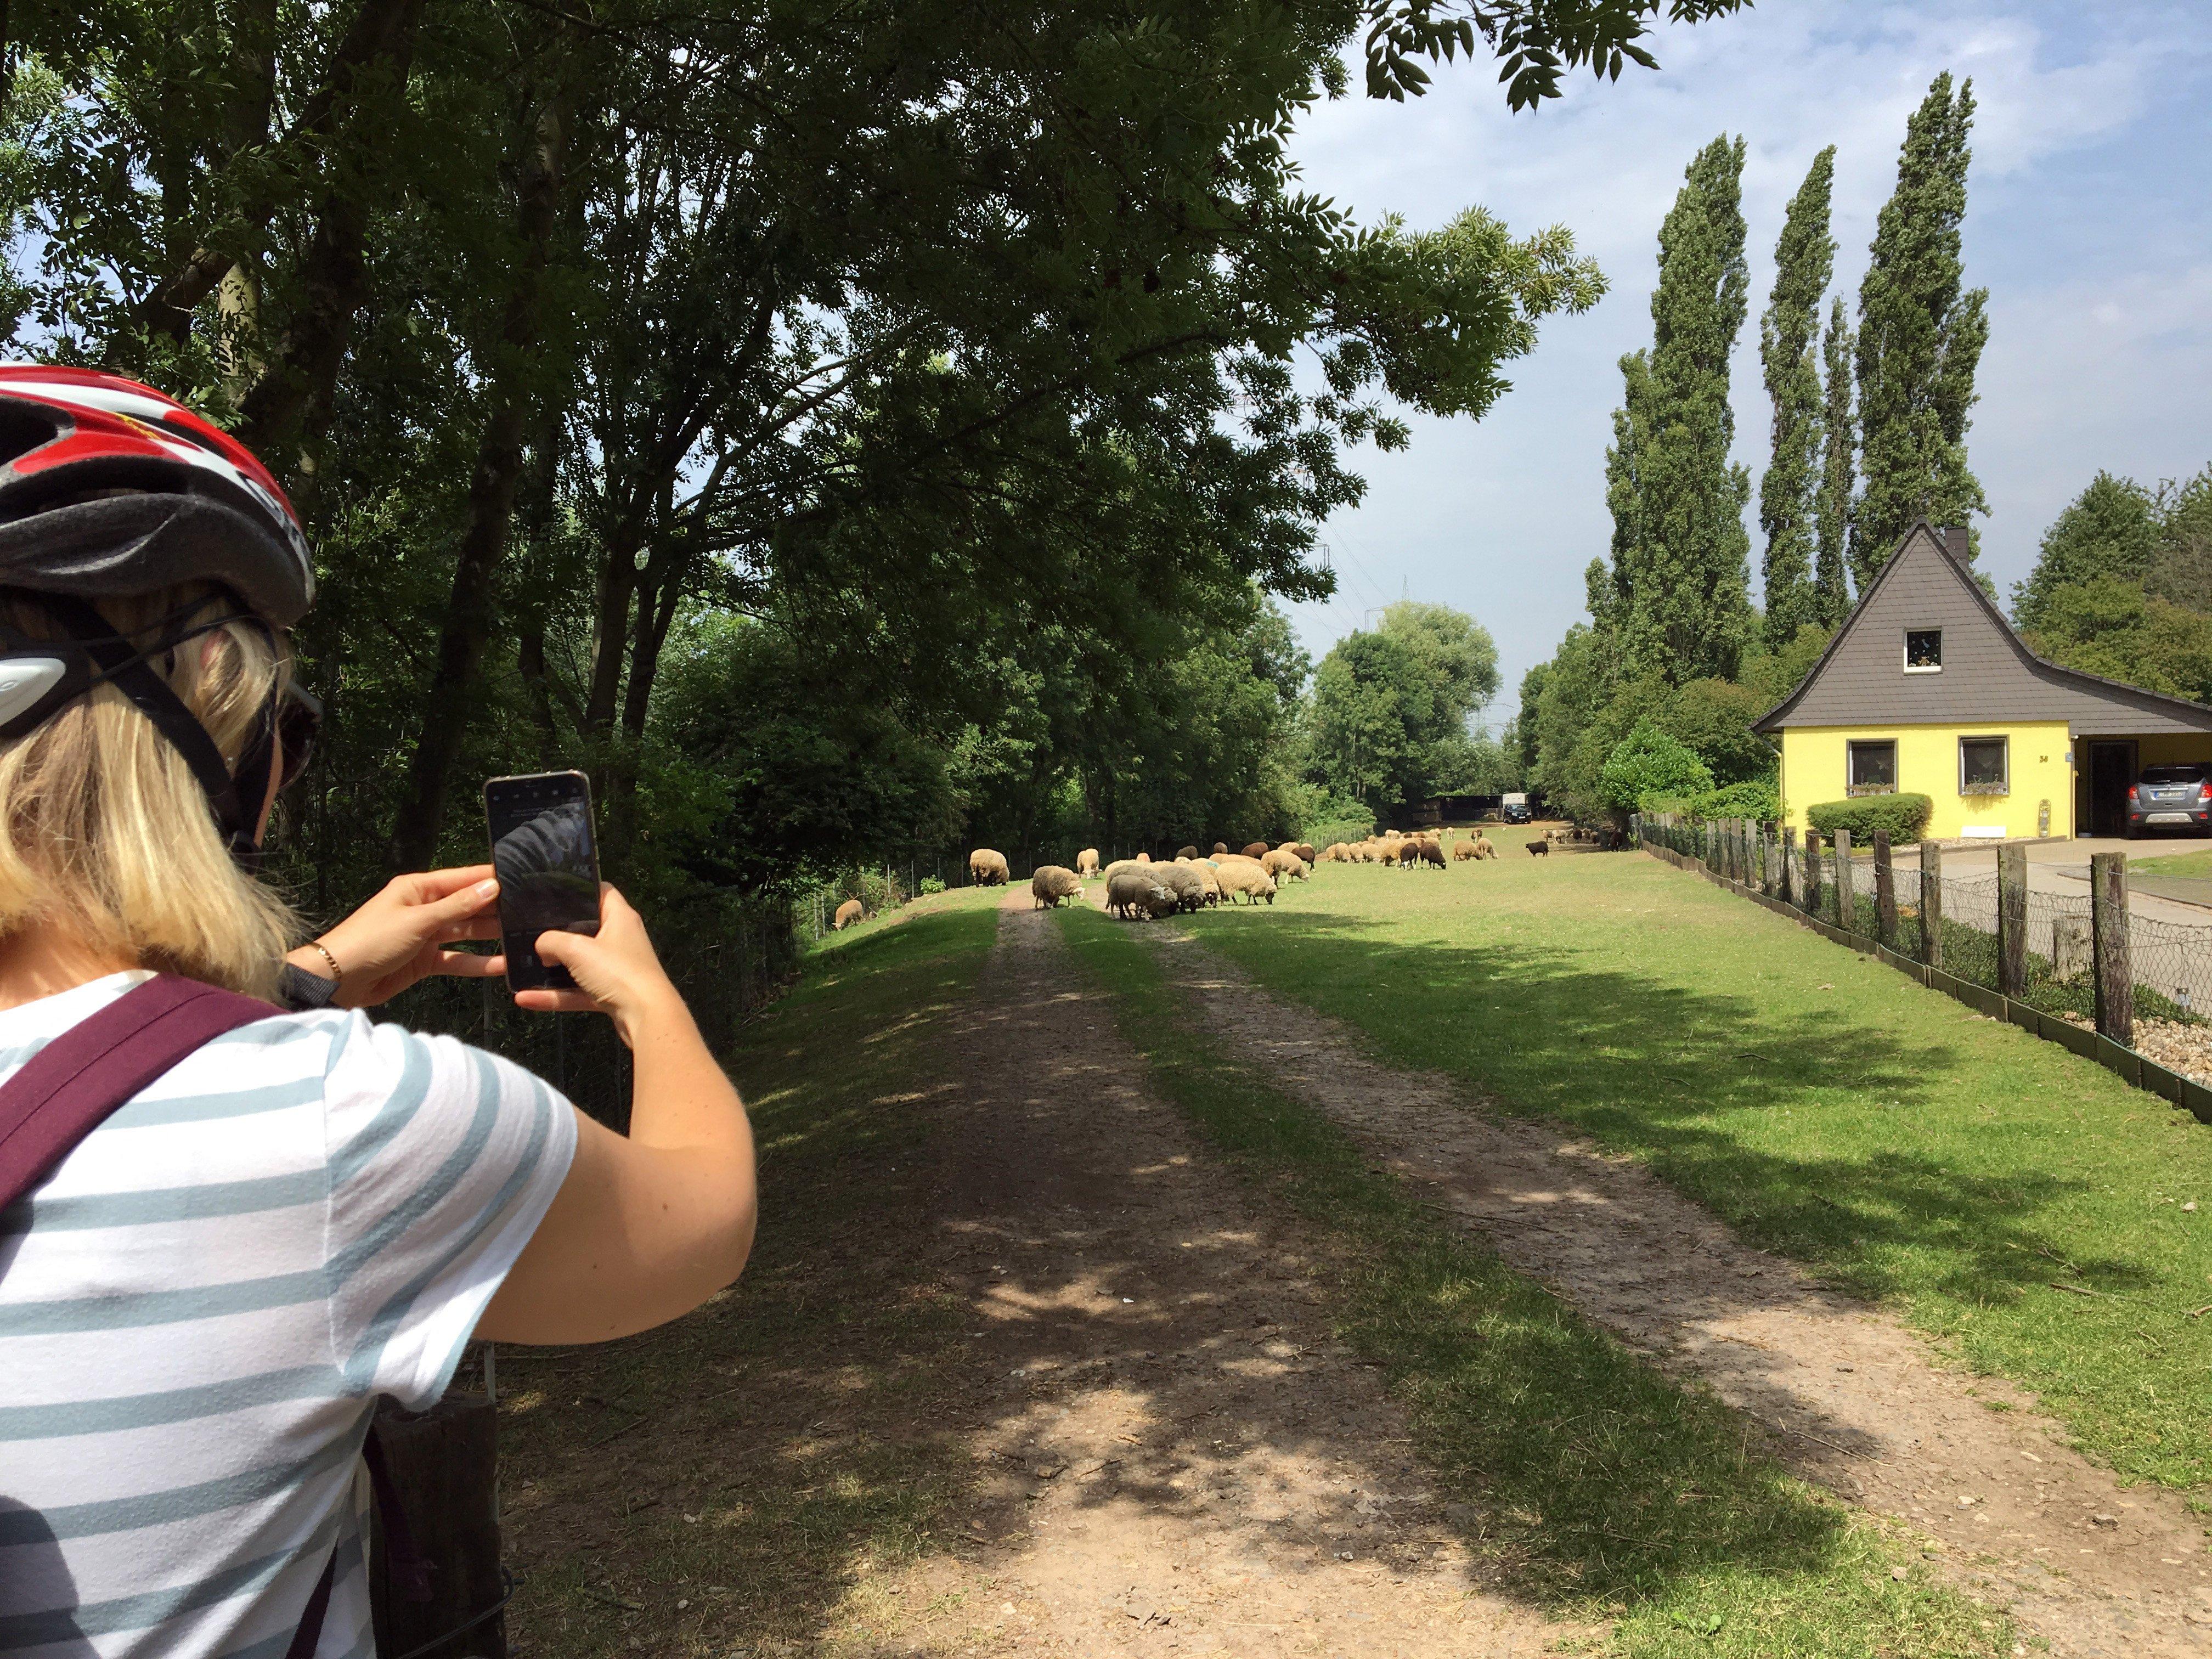 Das Foto zeigt eine Frau die Schafe fotografiert im Städtedreieck Mülheim an der Ruhr, Oberhausen, Essen